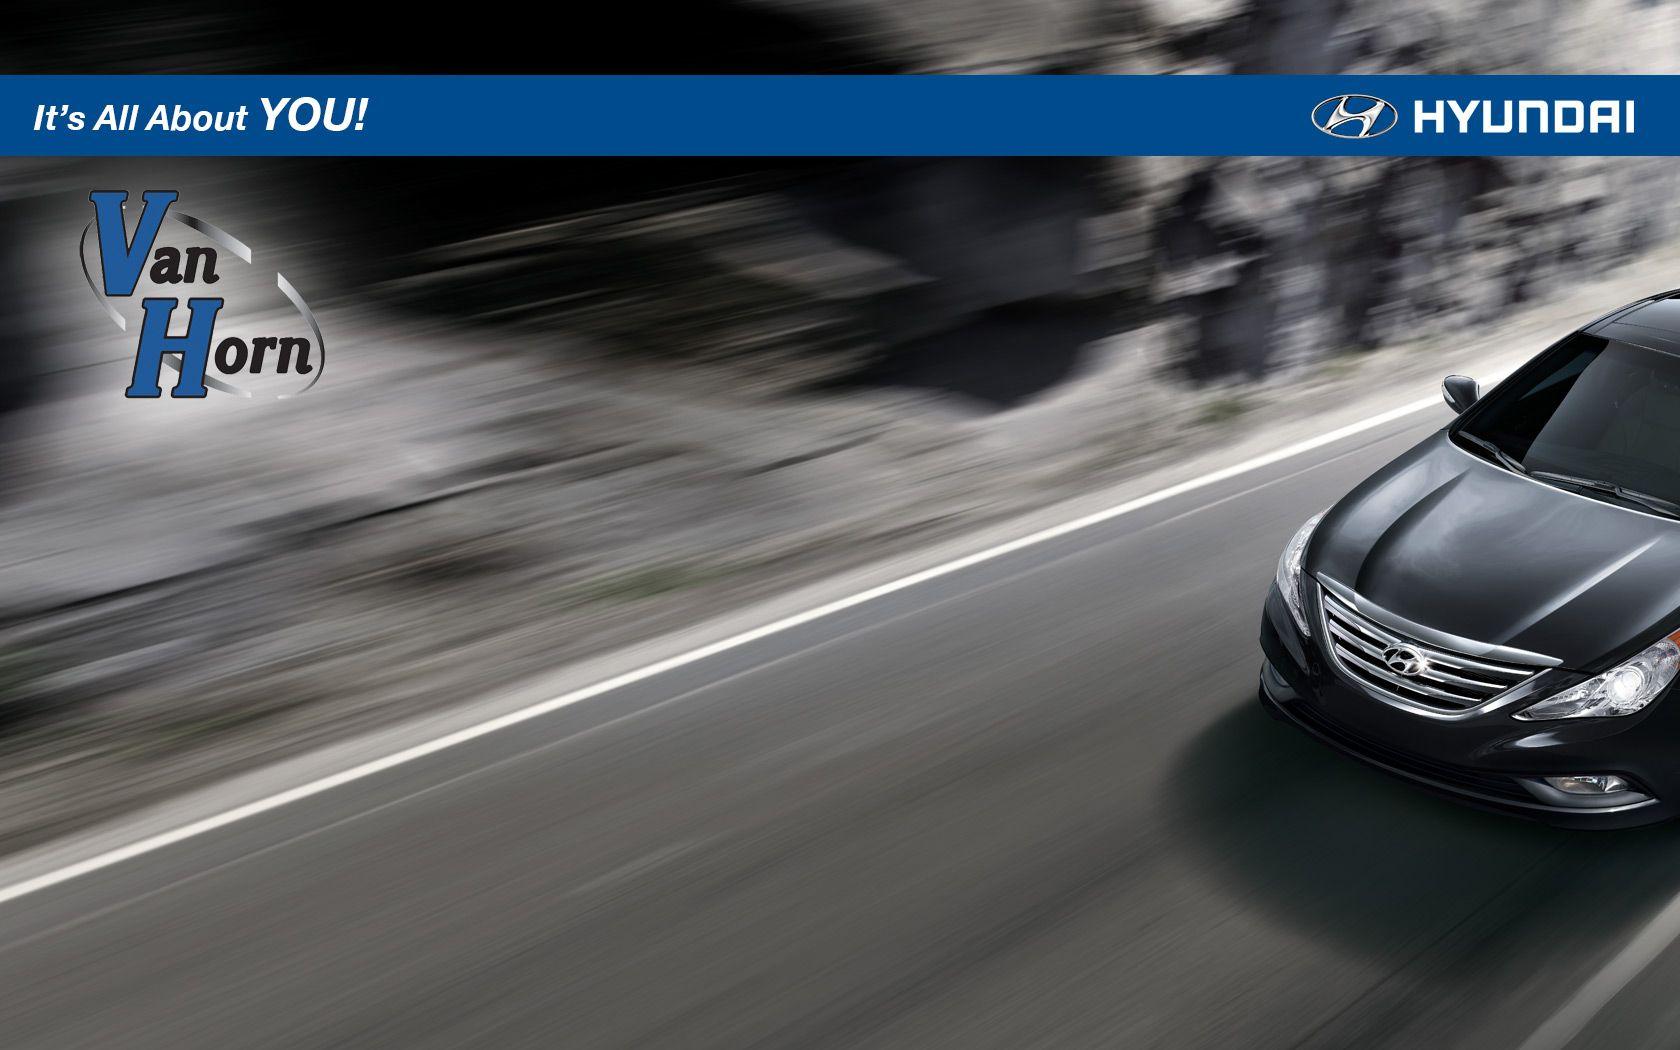 New hyundai, Van horn, Free cars